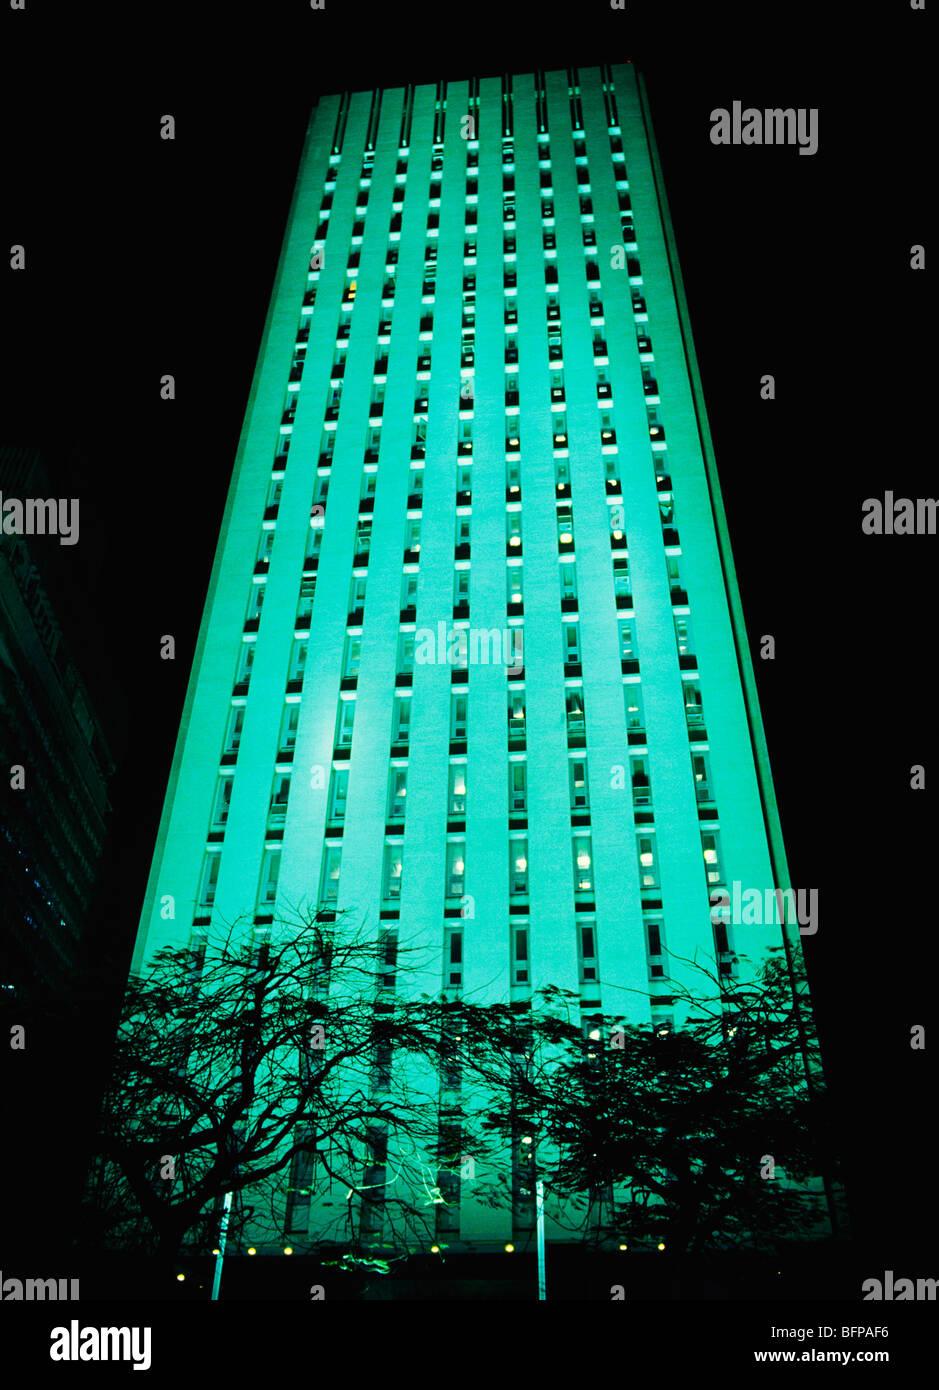 NMK 65433 : Illuminated State Bank of India ADM building ; Bombay Mumbai ; Maharashtra ; India Stock Photo